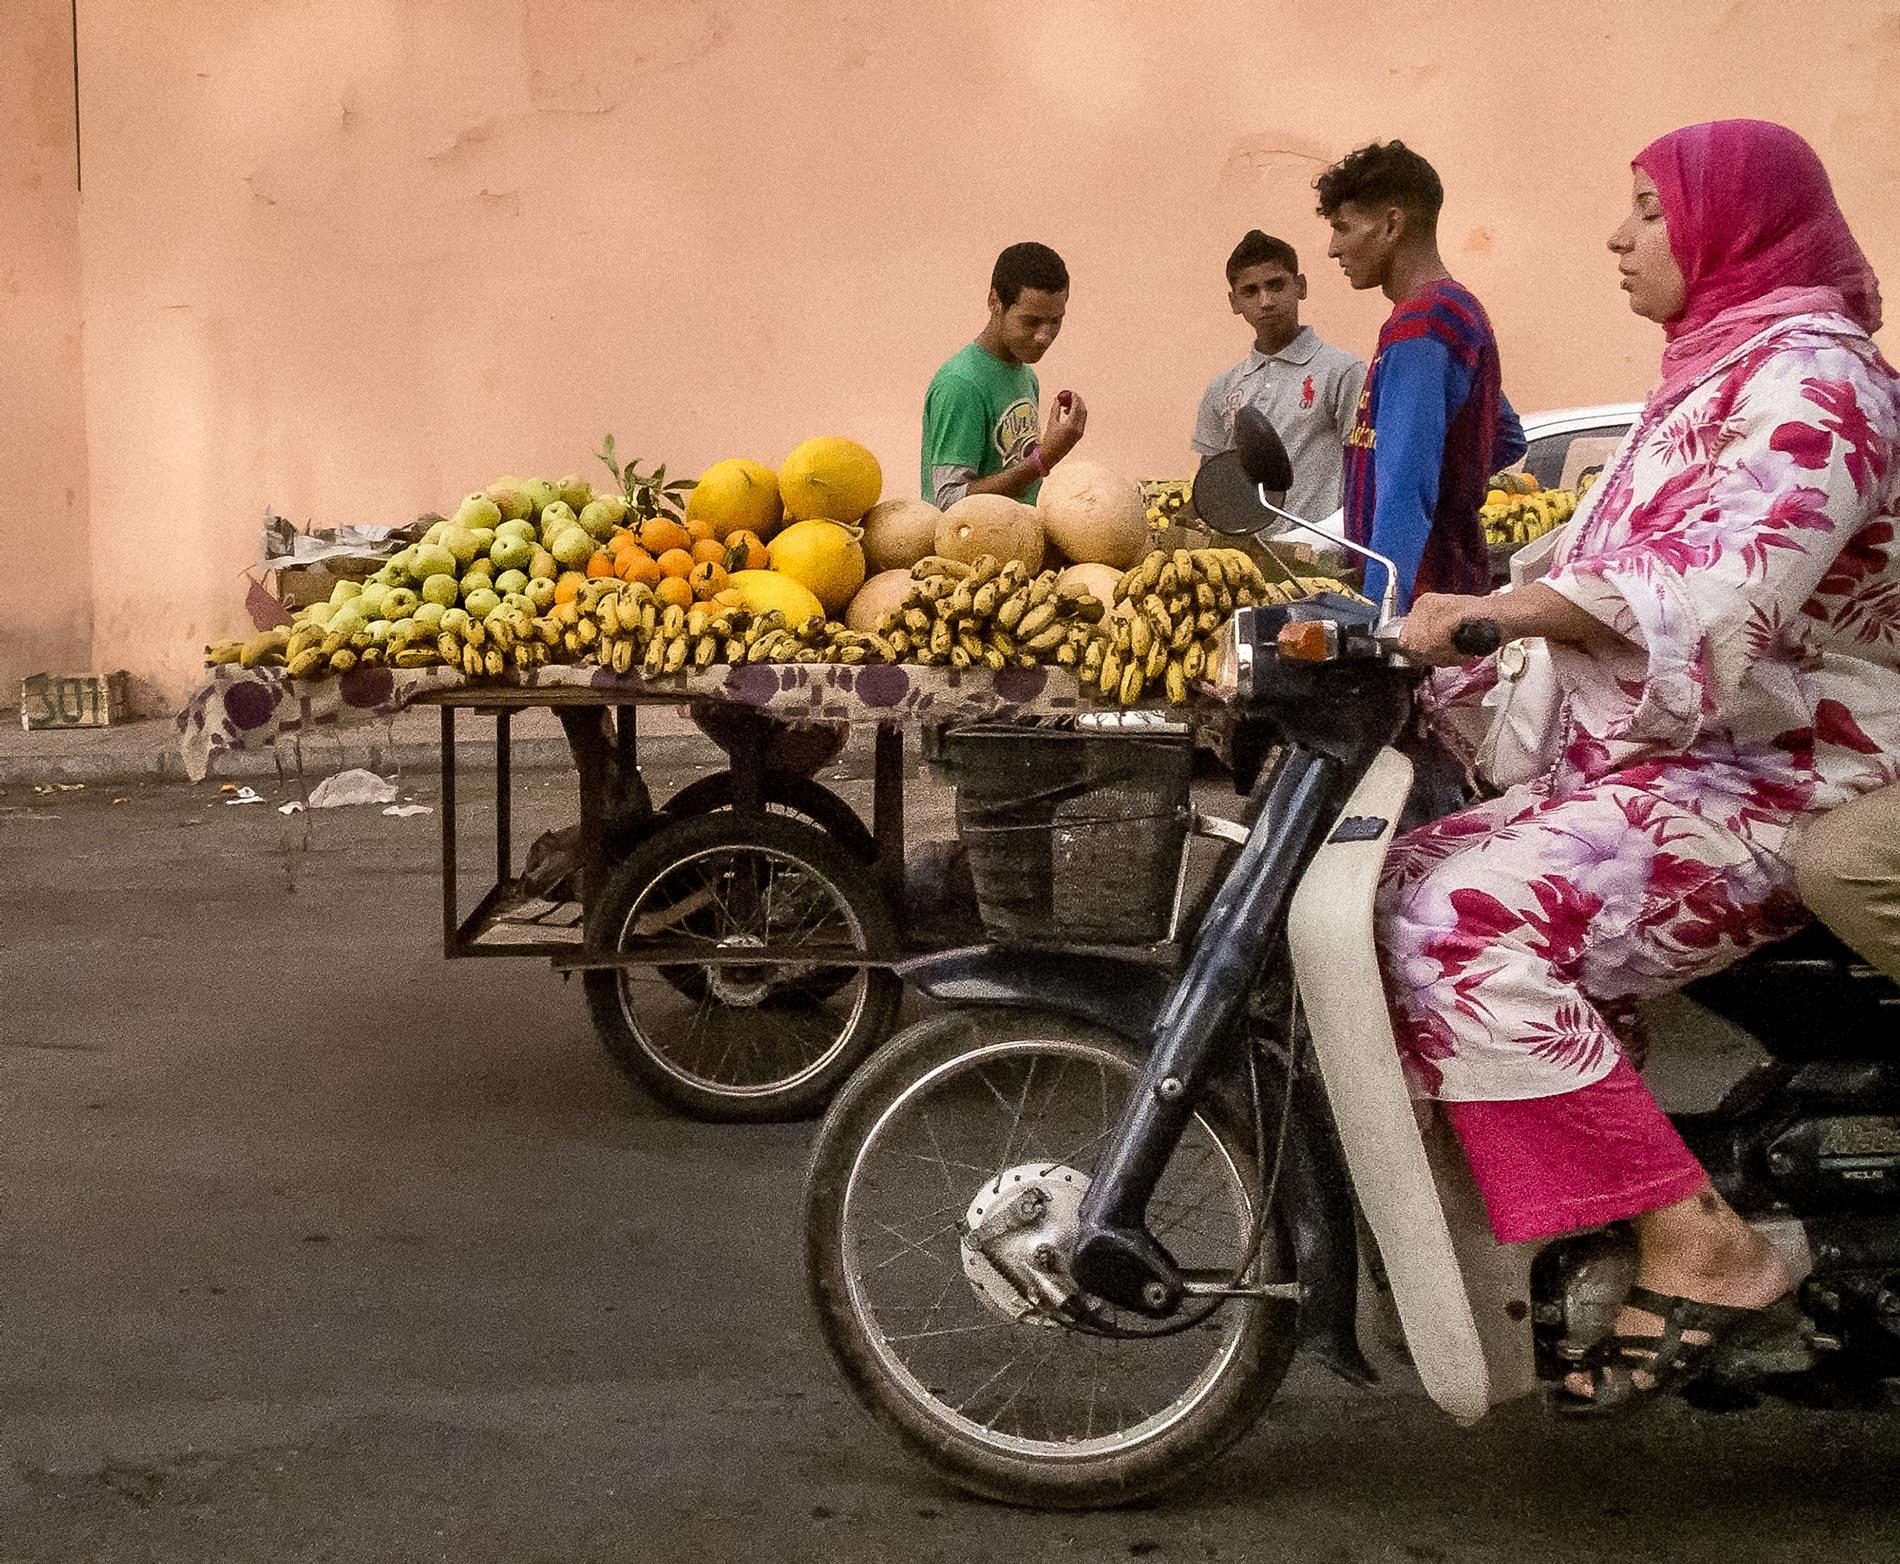 Moped woman - Marrakech